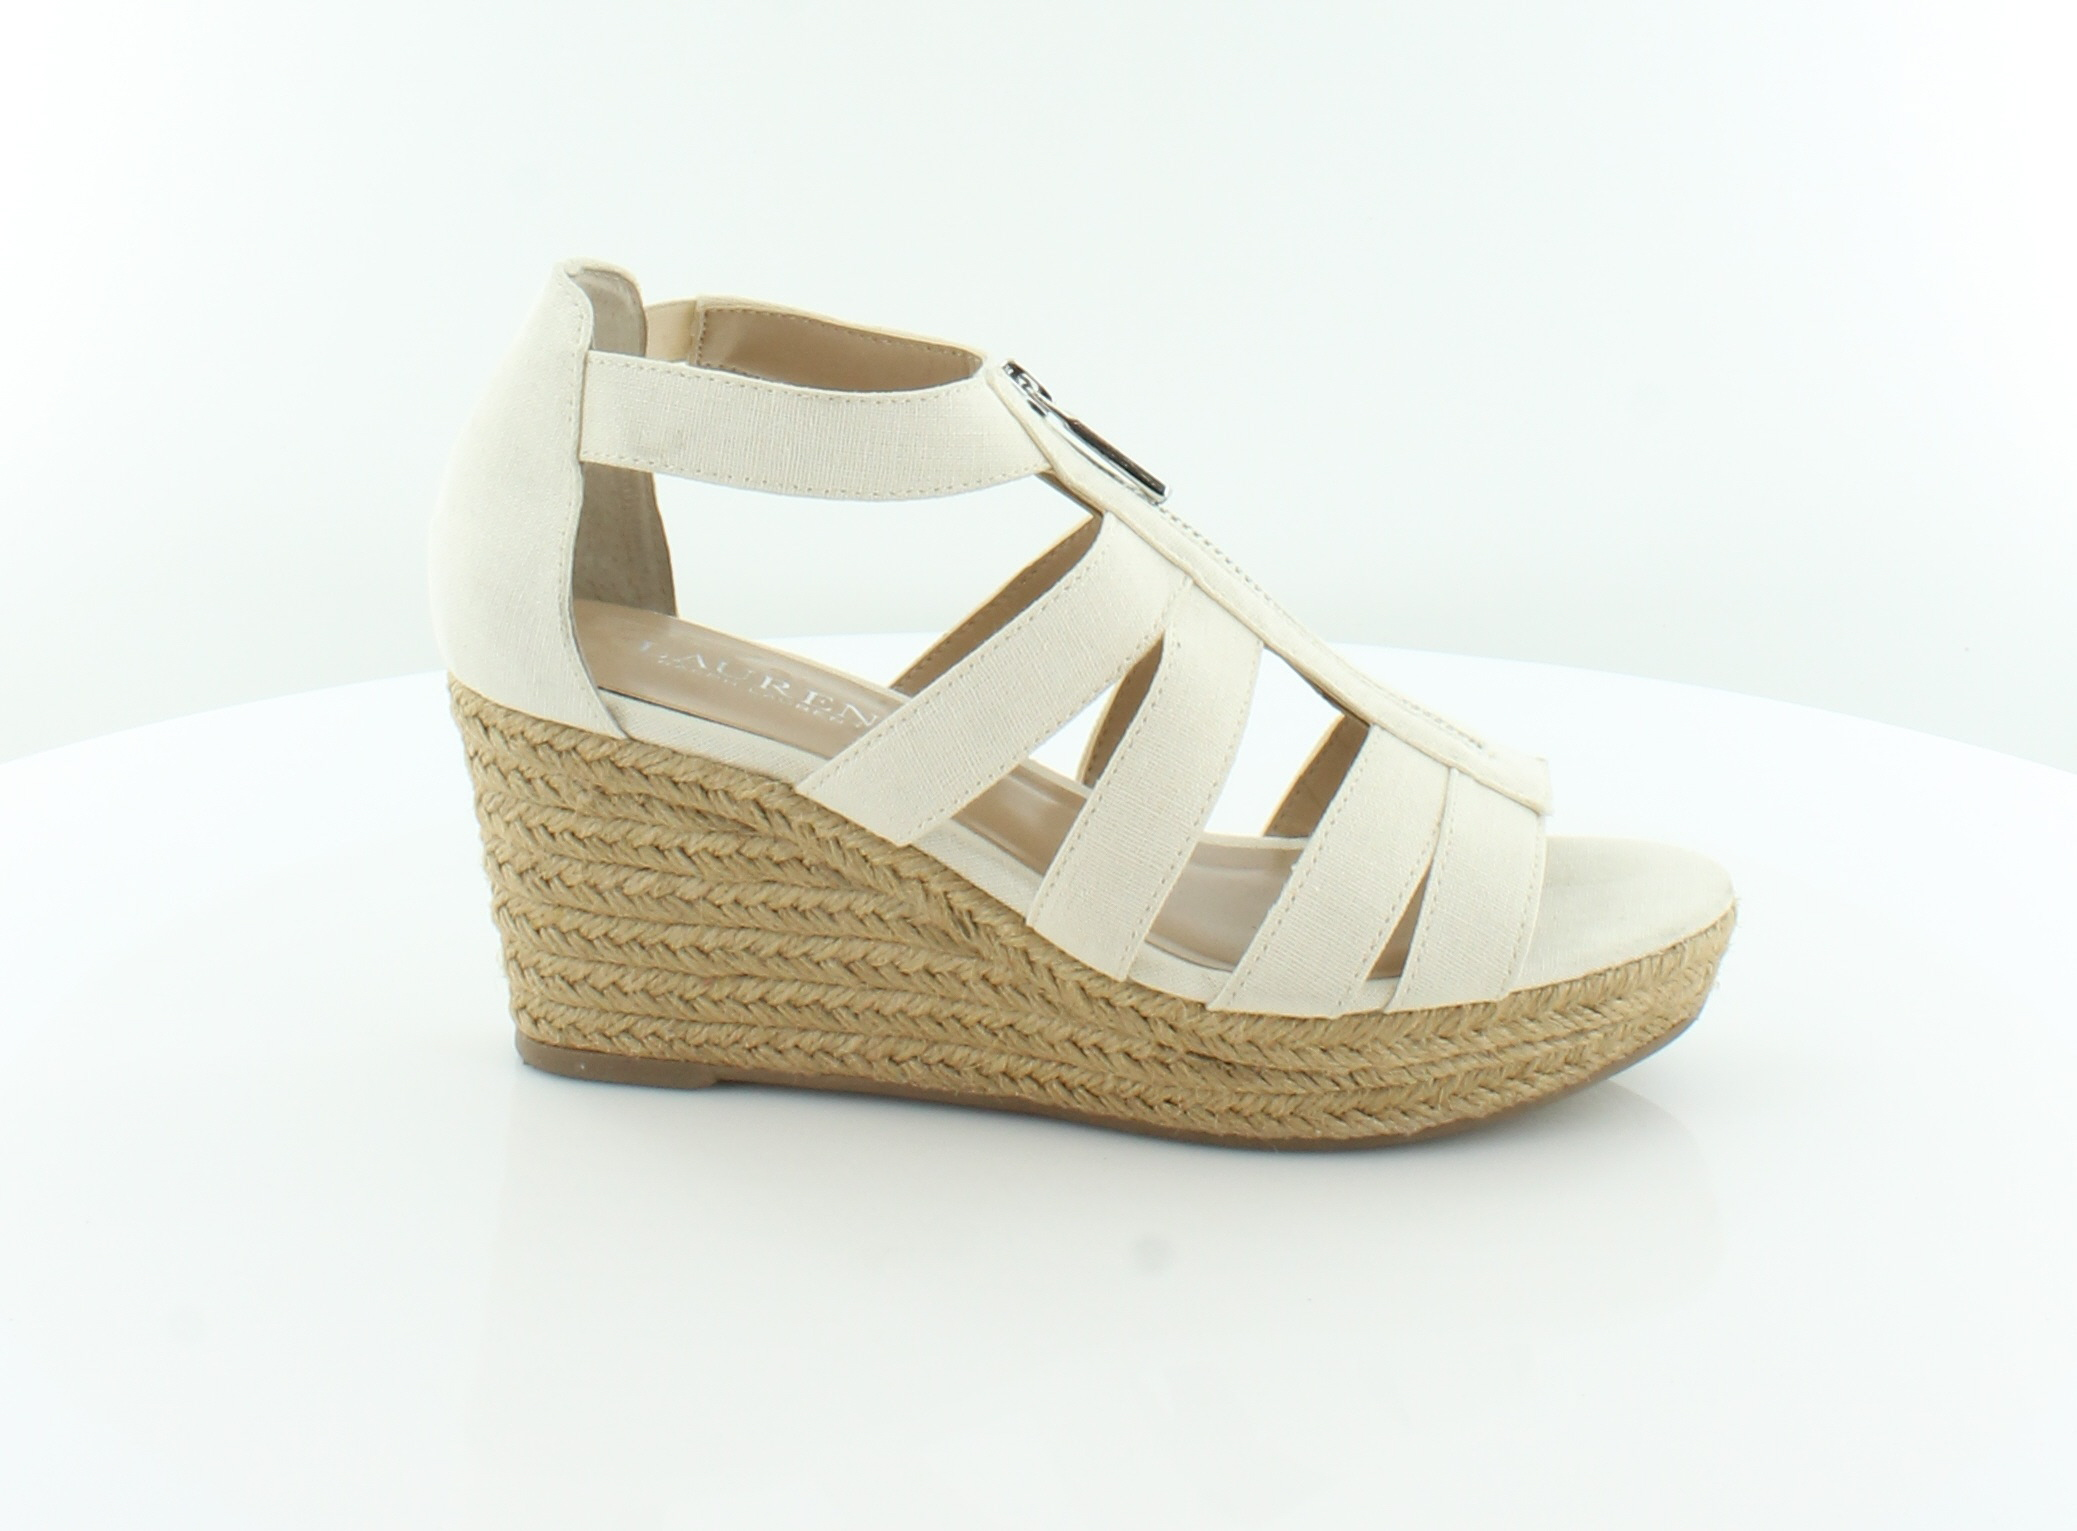 Lauren Ralph Lauren Kelcie Beige M Womens Shoes Size 7 M Beige Sandals MSRP $79 440b54